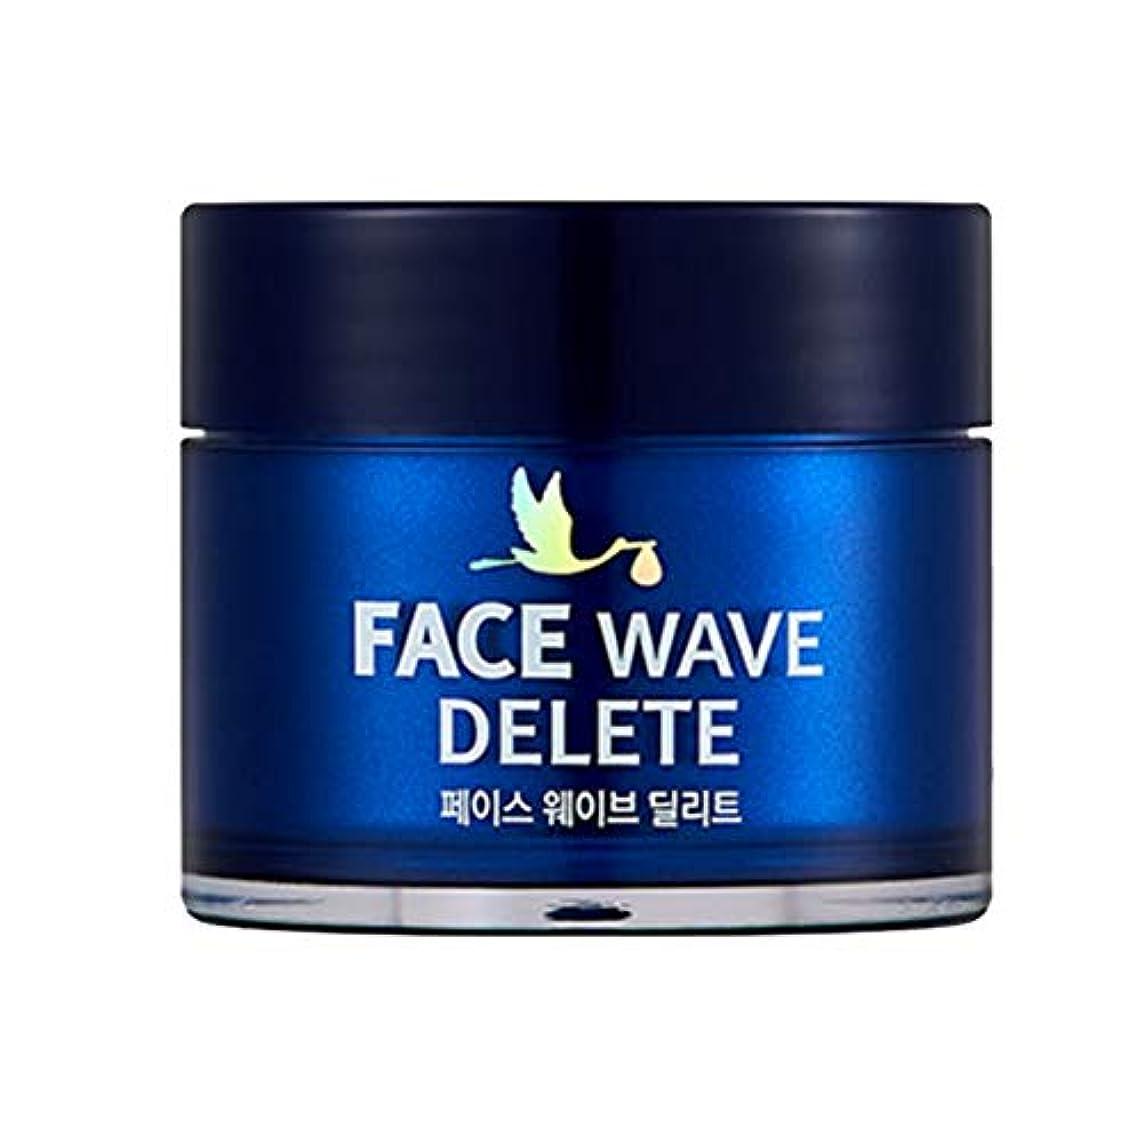 上へ禁止する文字bona medusa FACE WAVE DELETE しわ集中改善クリームすべての肌用30g[海外直送品]